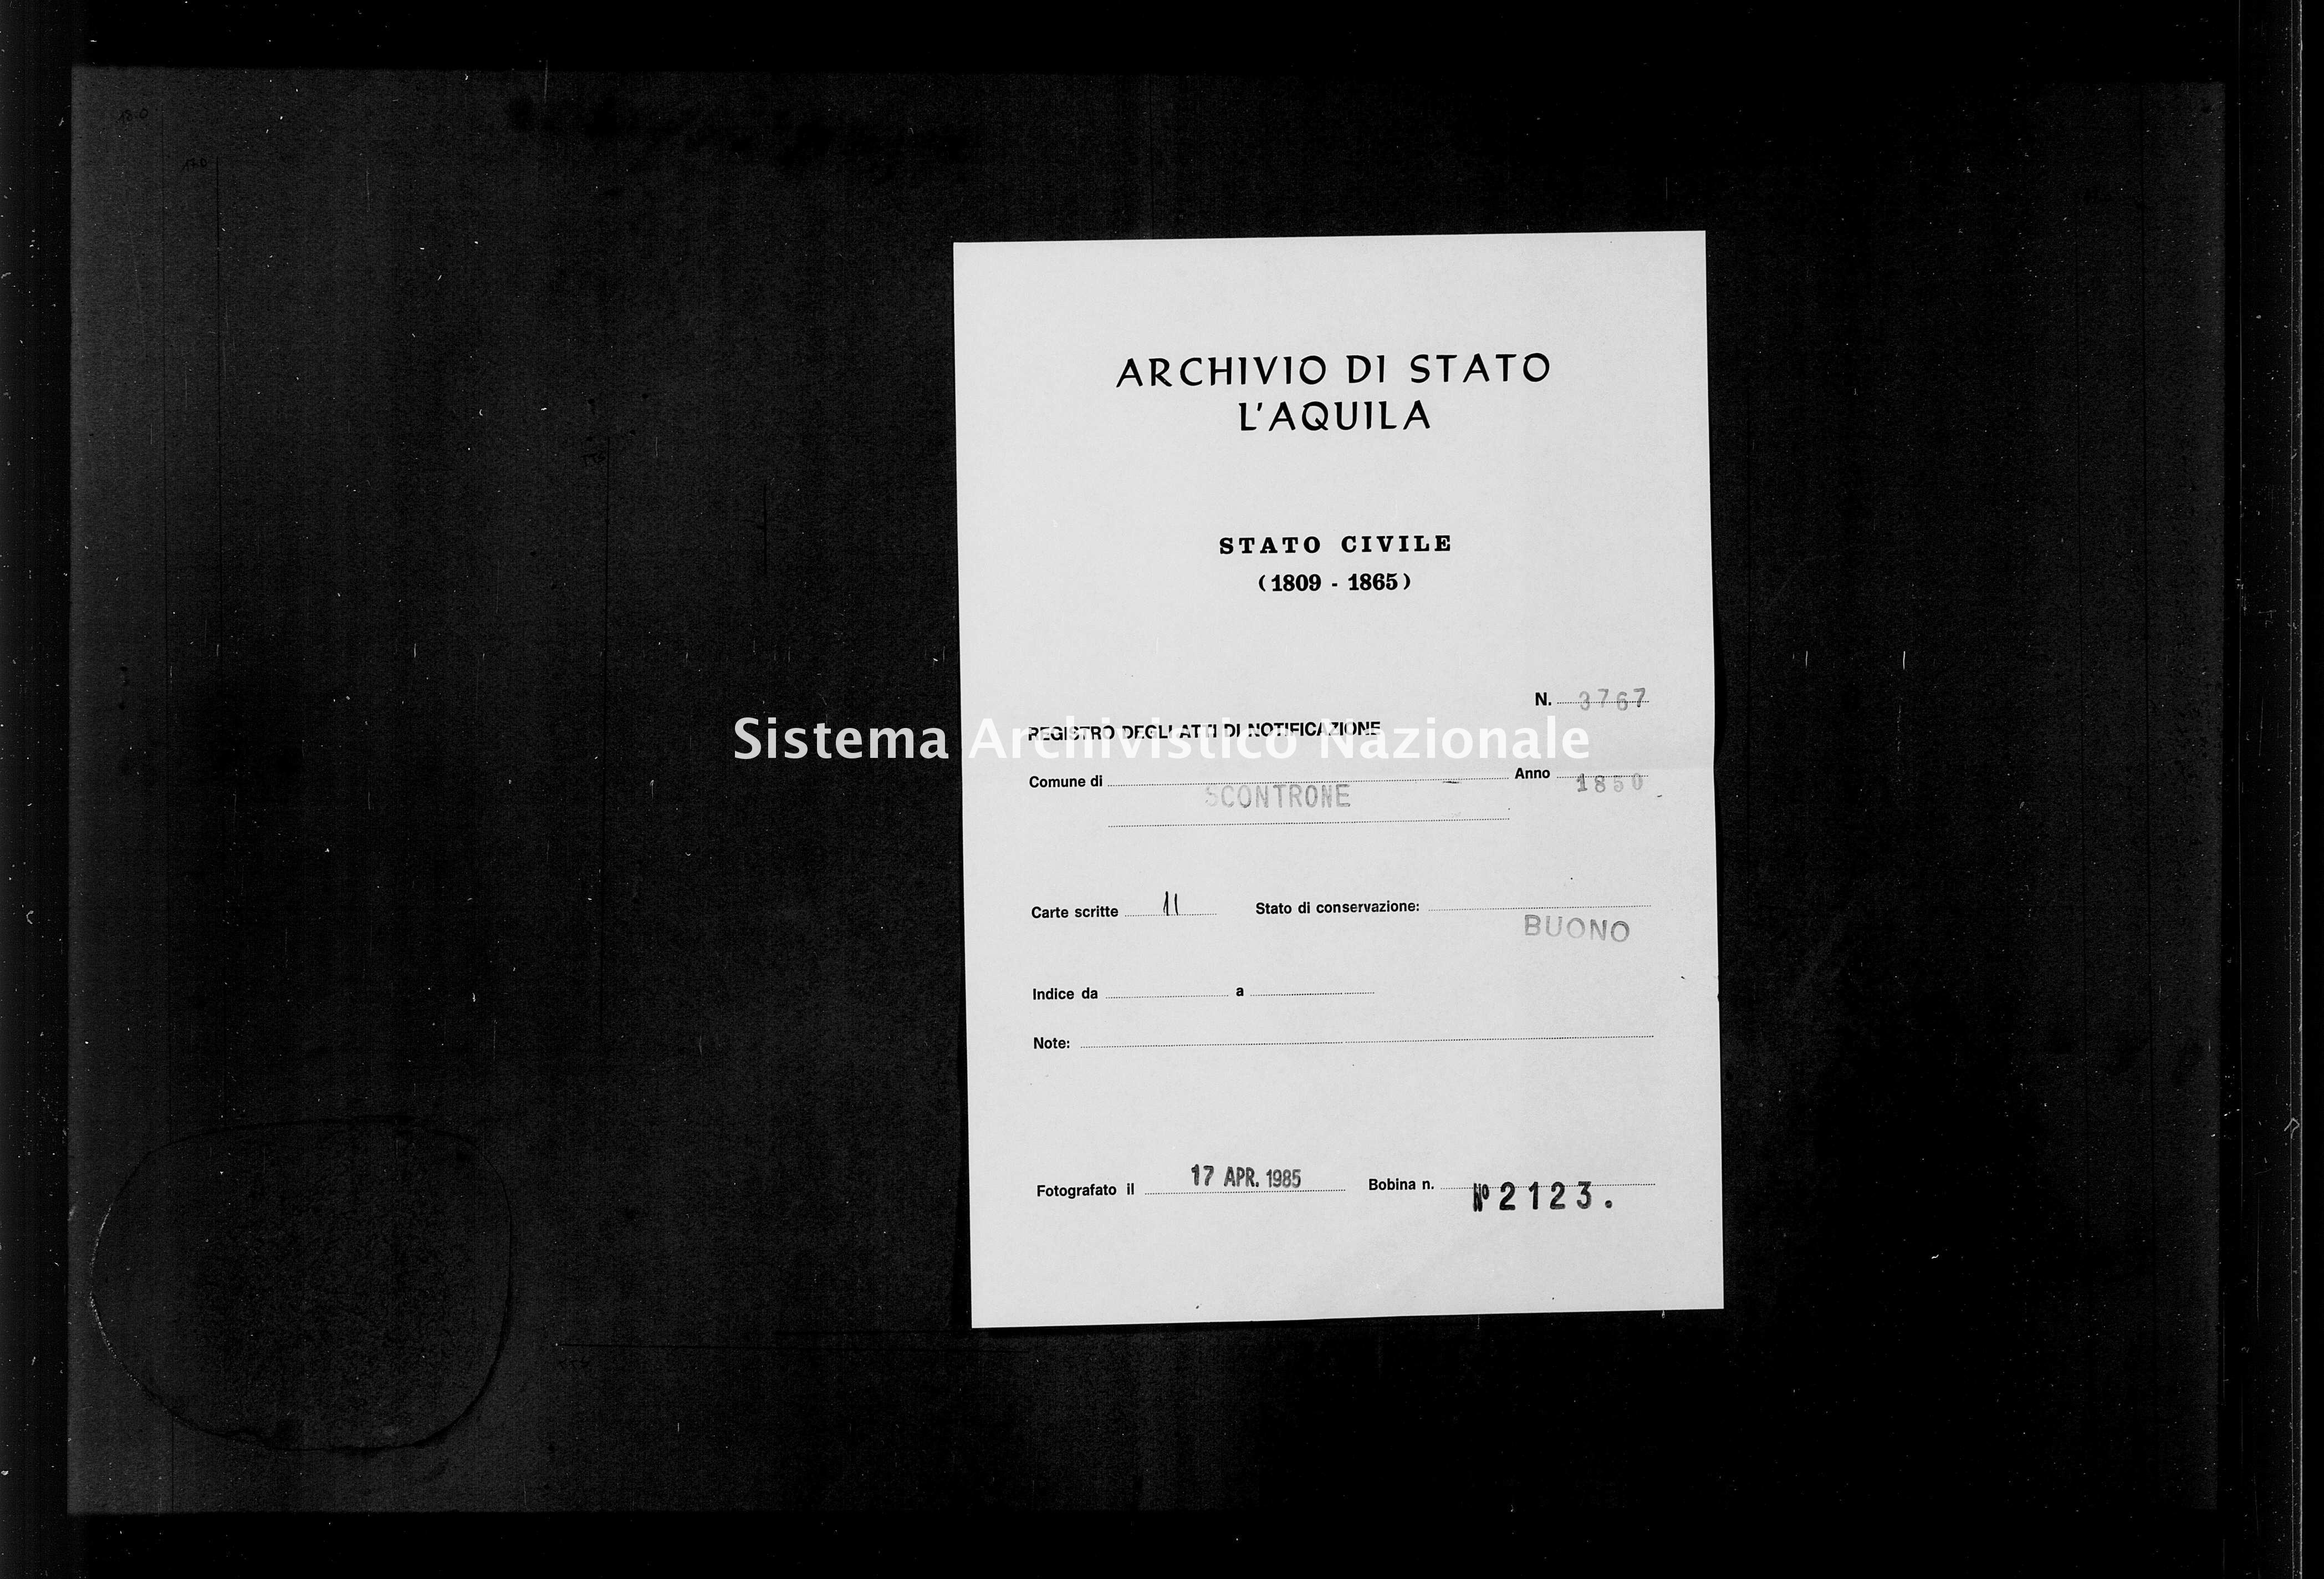 Archivio di stato di L'aquila - Stato civile della restaurazione - Scontrone - Matrimoni, memorandum notificazioni ed opposizioni - 1850 - 3767 -